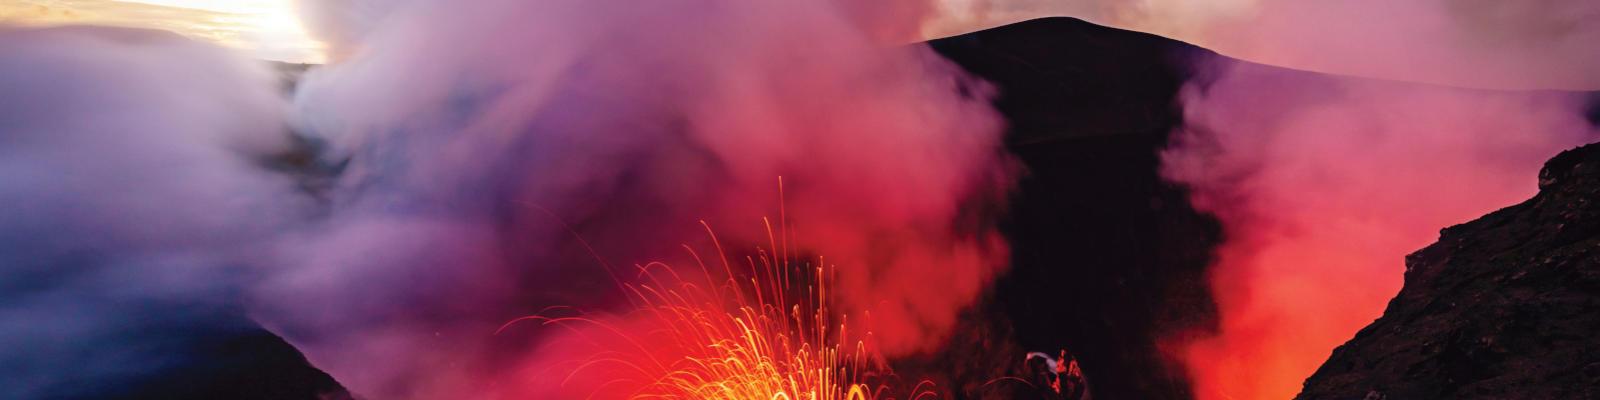 Mount Yasur with lava